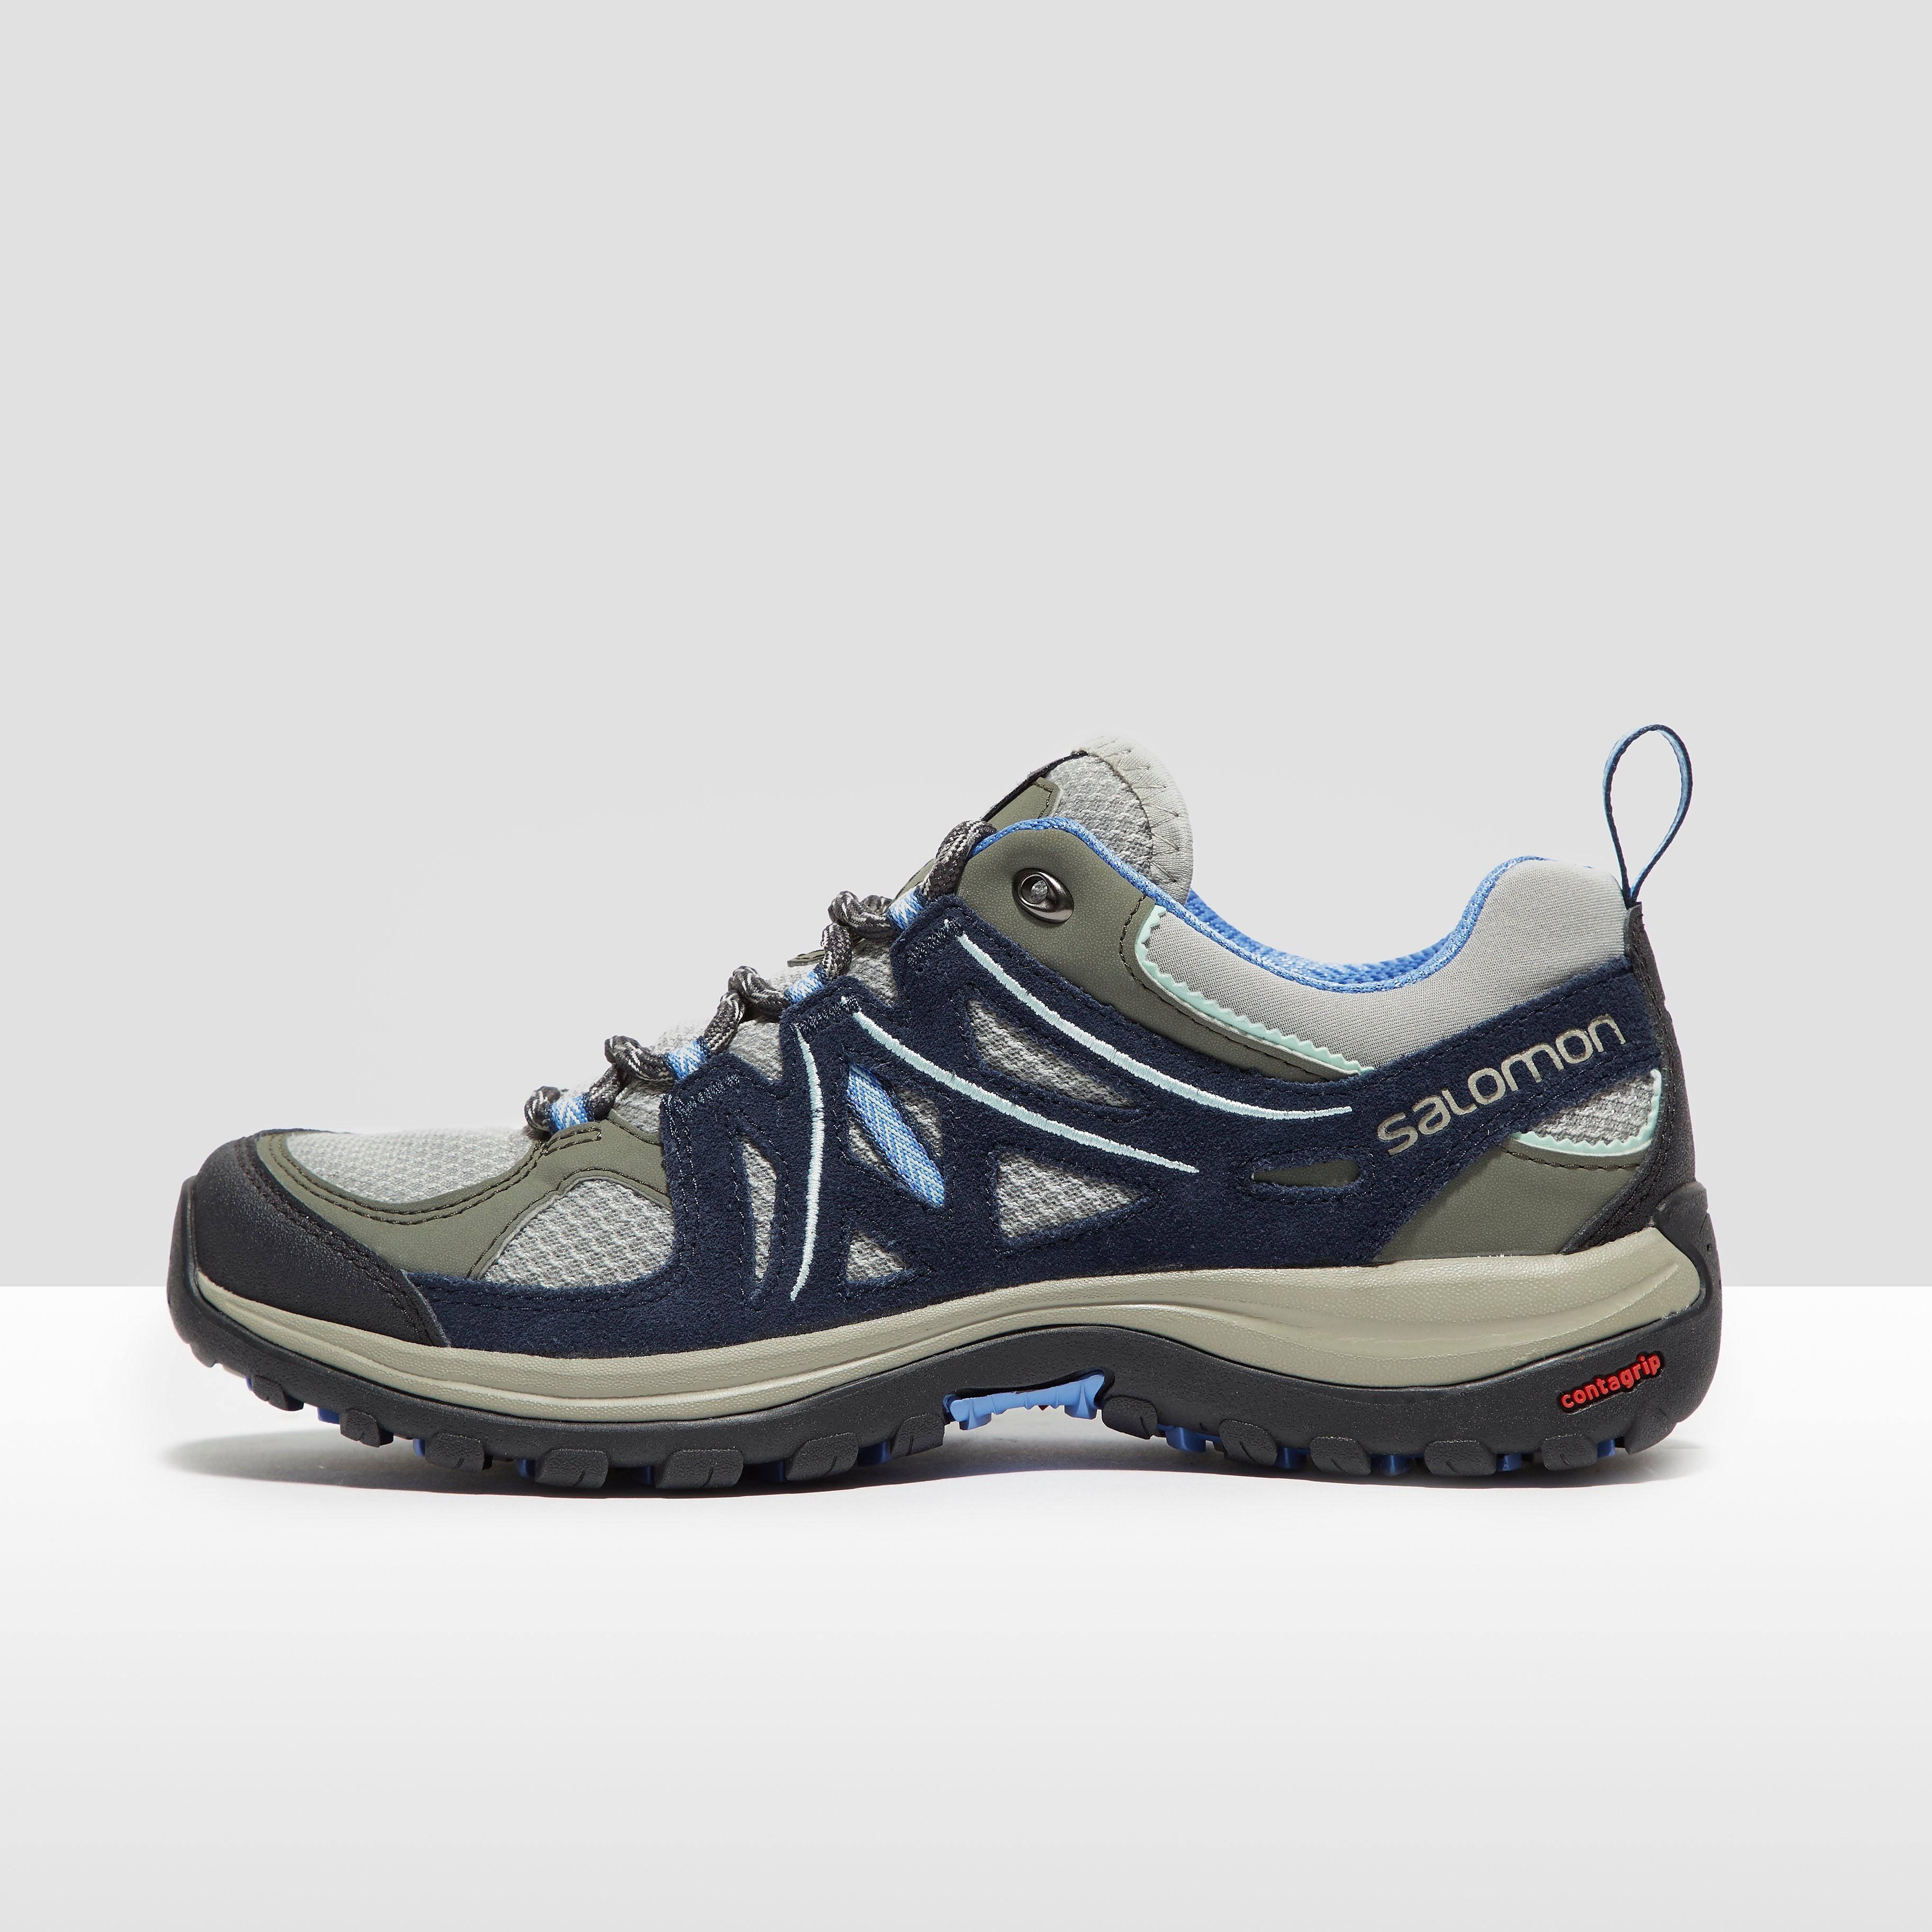 Salomon Ellipse 2 Aero Women's Hiking Boots